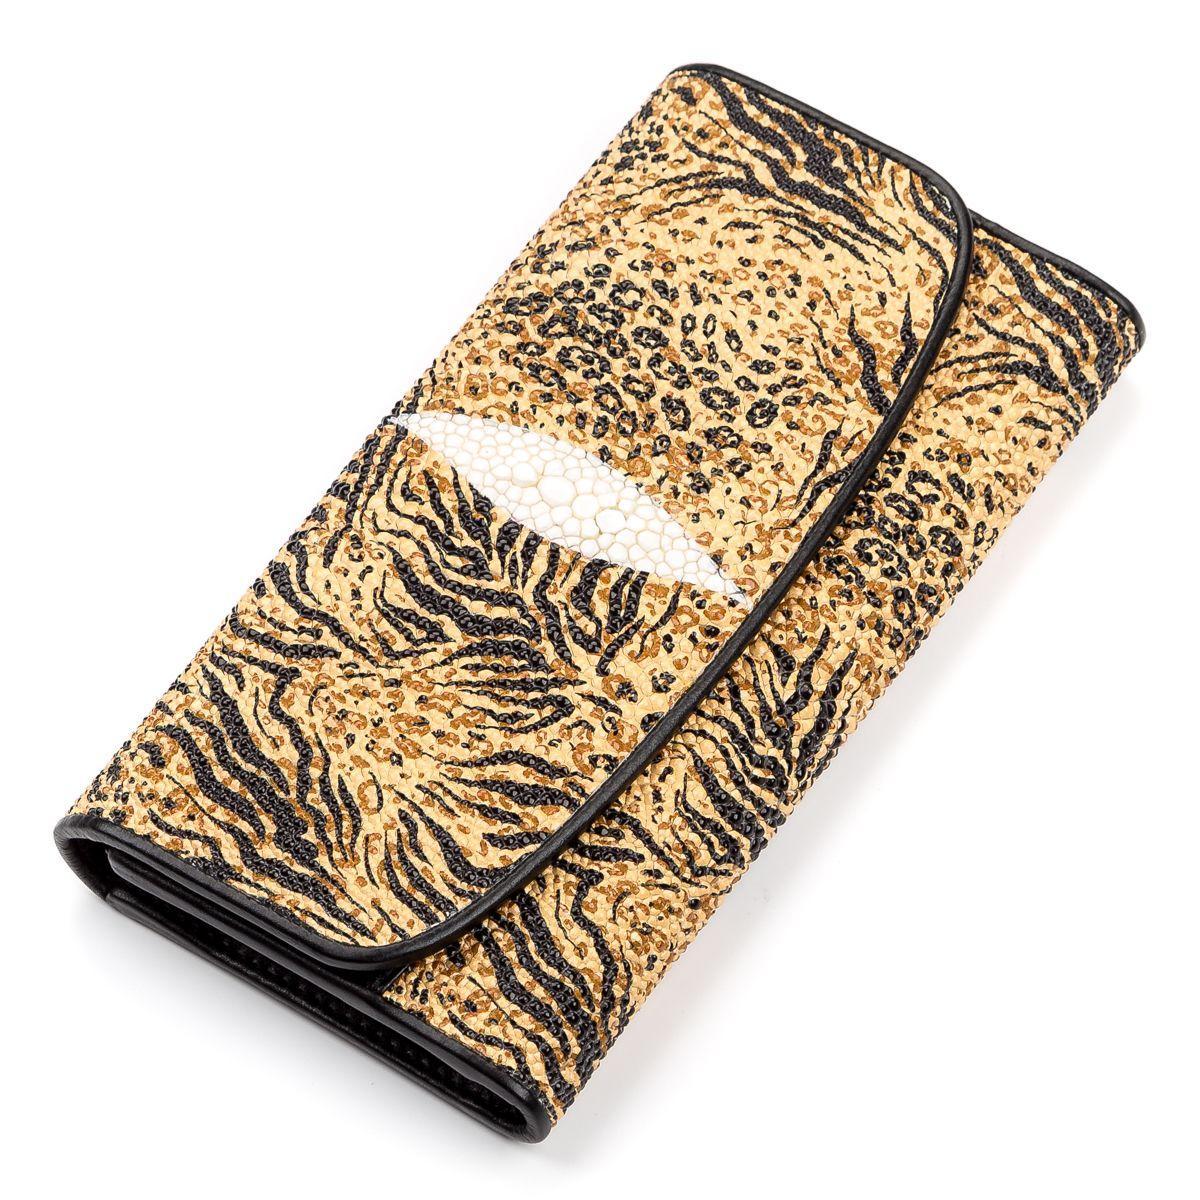 Кошелек женский Ekzotic leather из натуральной кожи морского ската Разноцветный (stw 89)